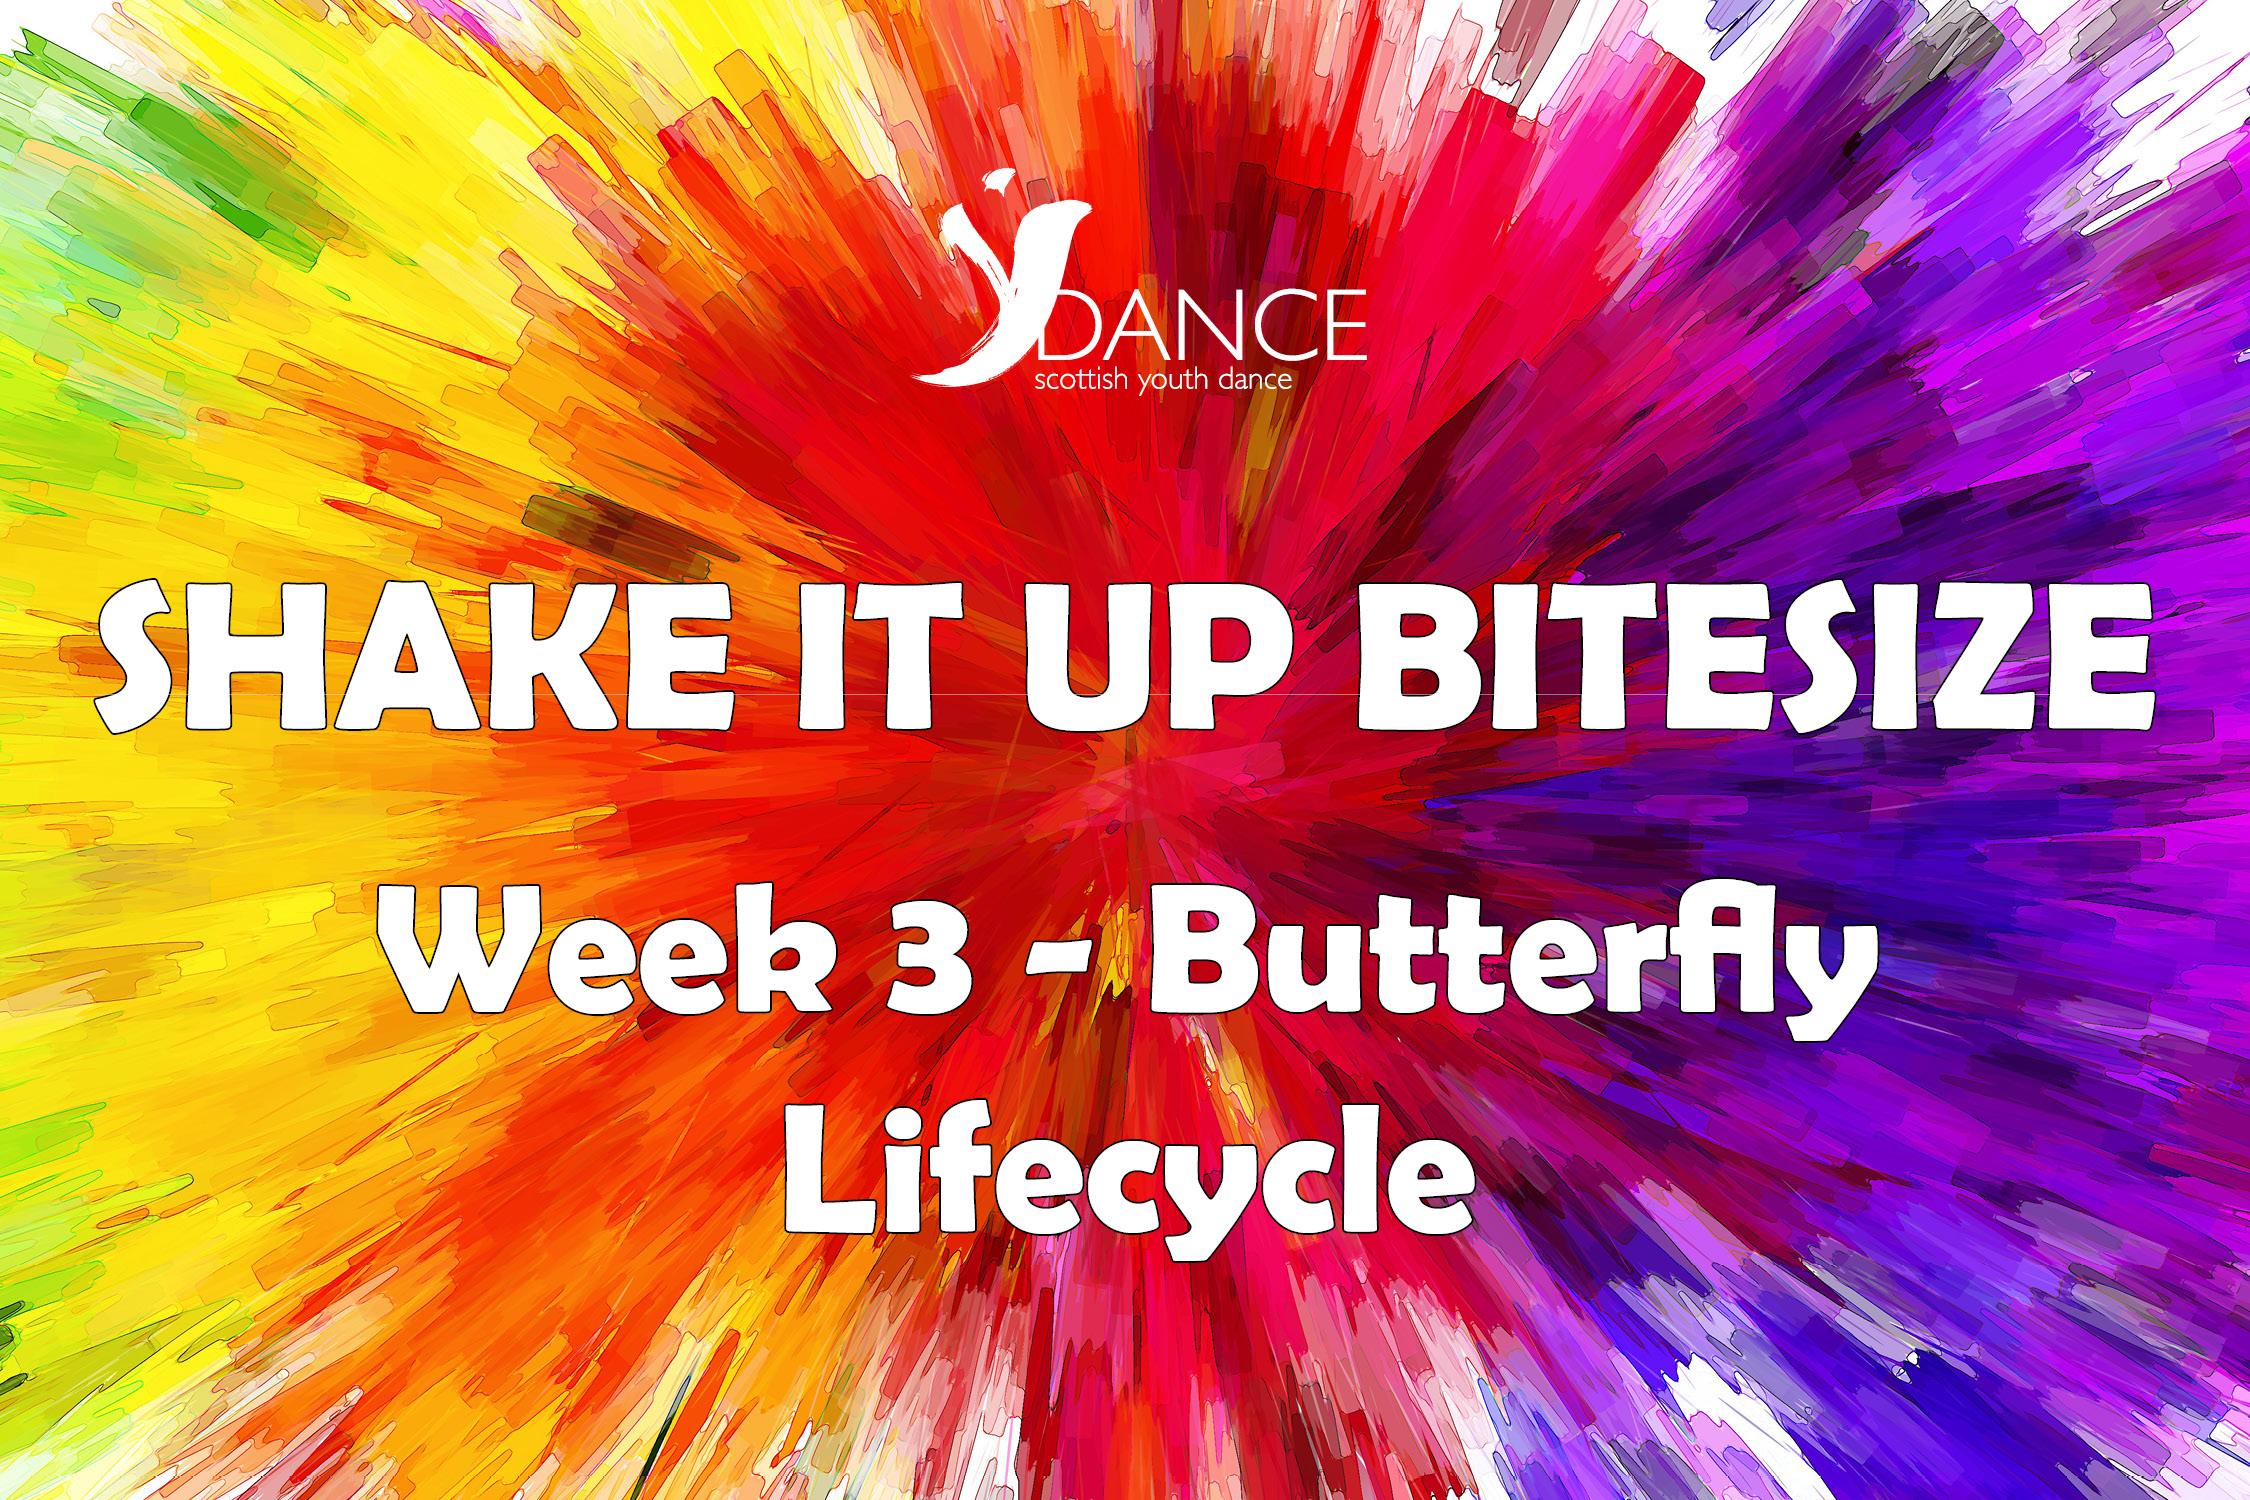 SIU Bitesize - Wk3 - Butterfly Lifecycle